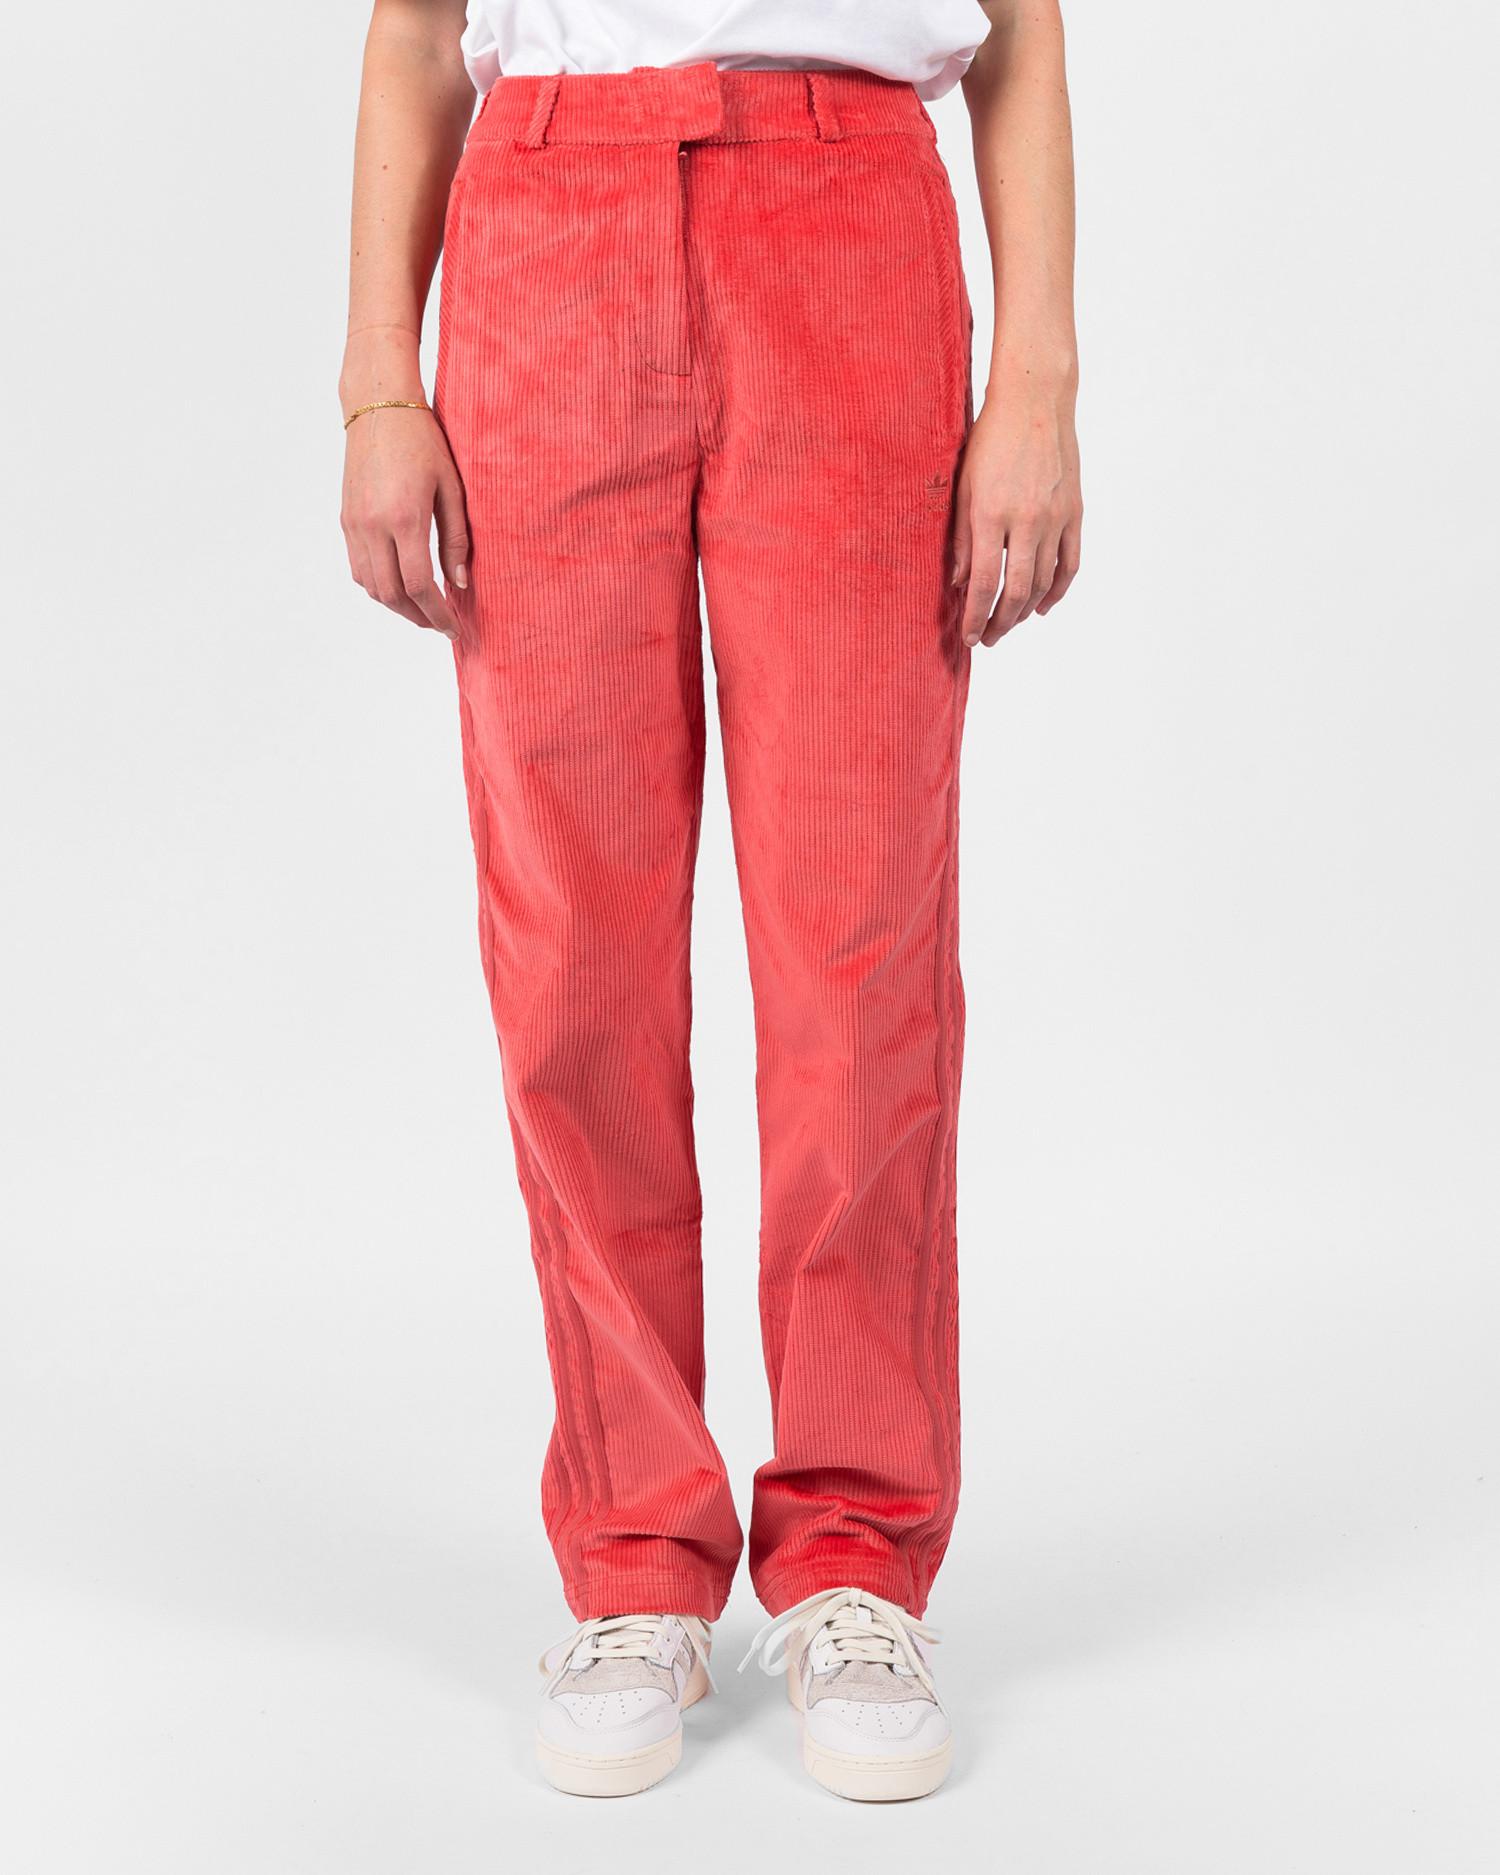 Adidas Pant Tacticle Pink